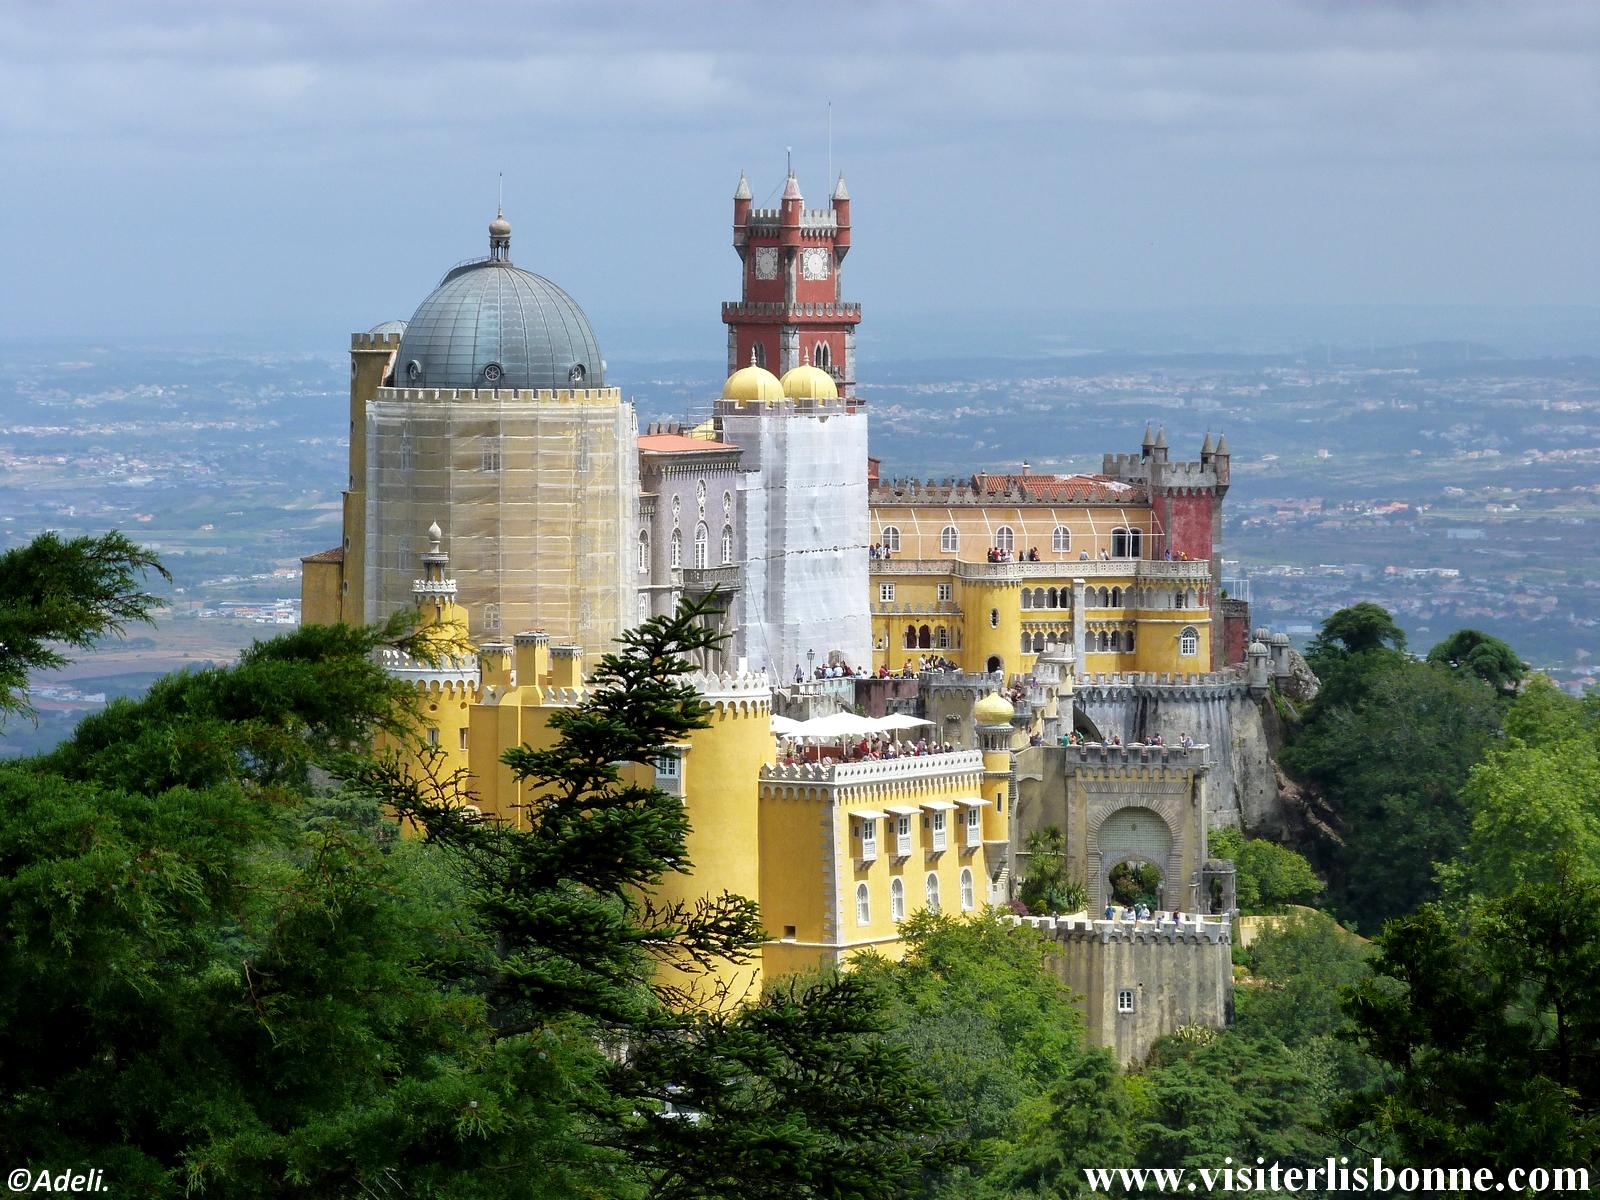 Palácio Nacional da Pena - Sintra